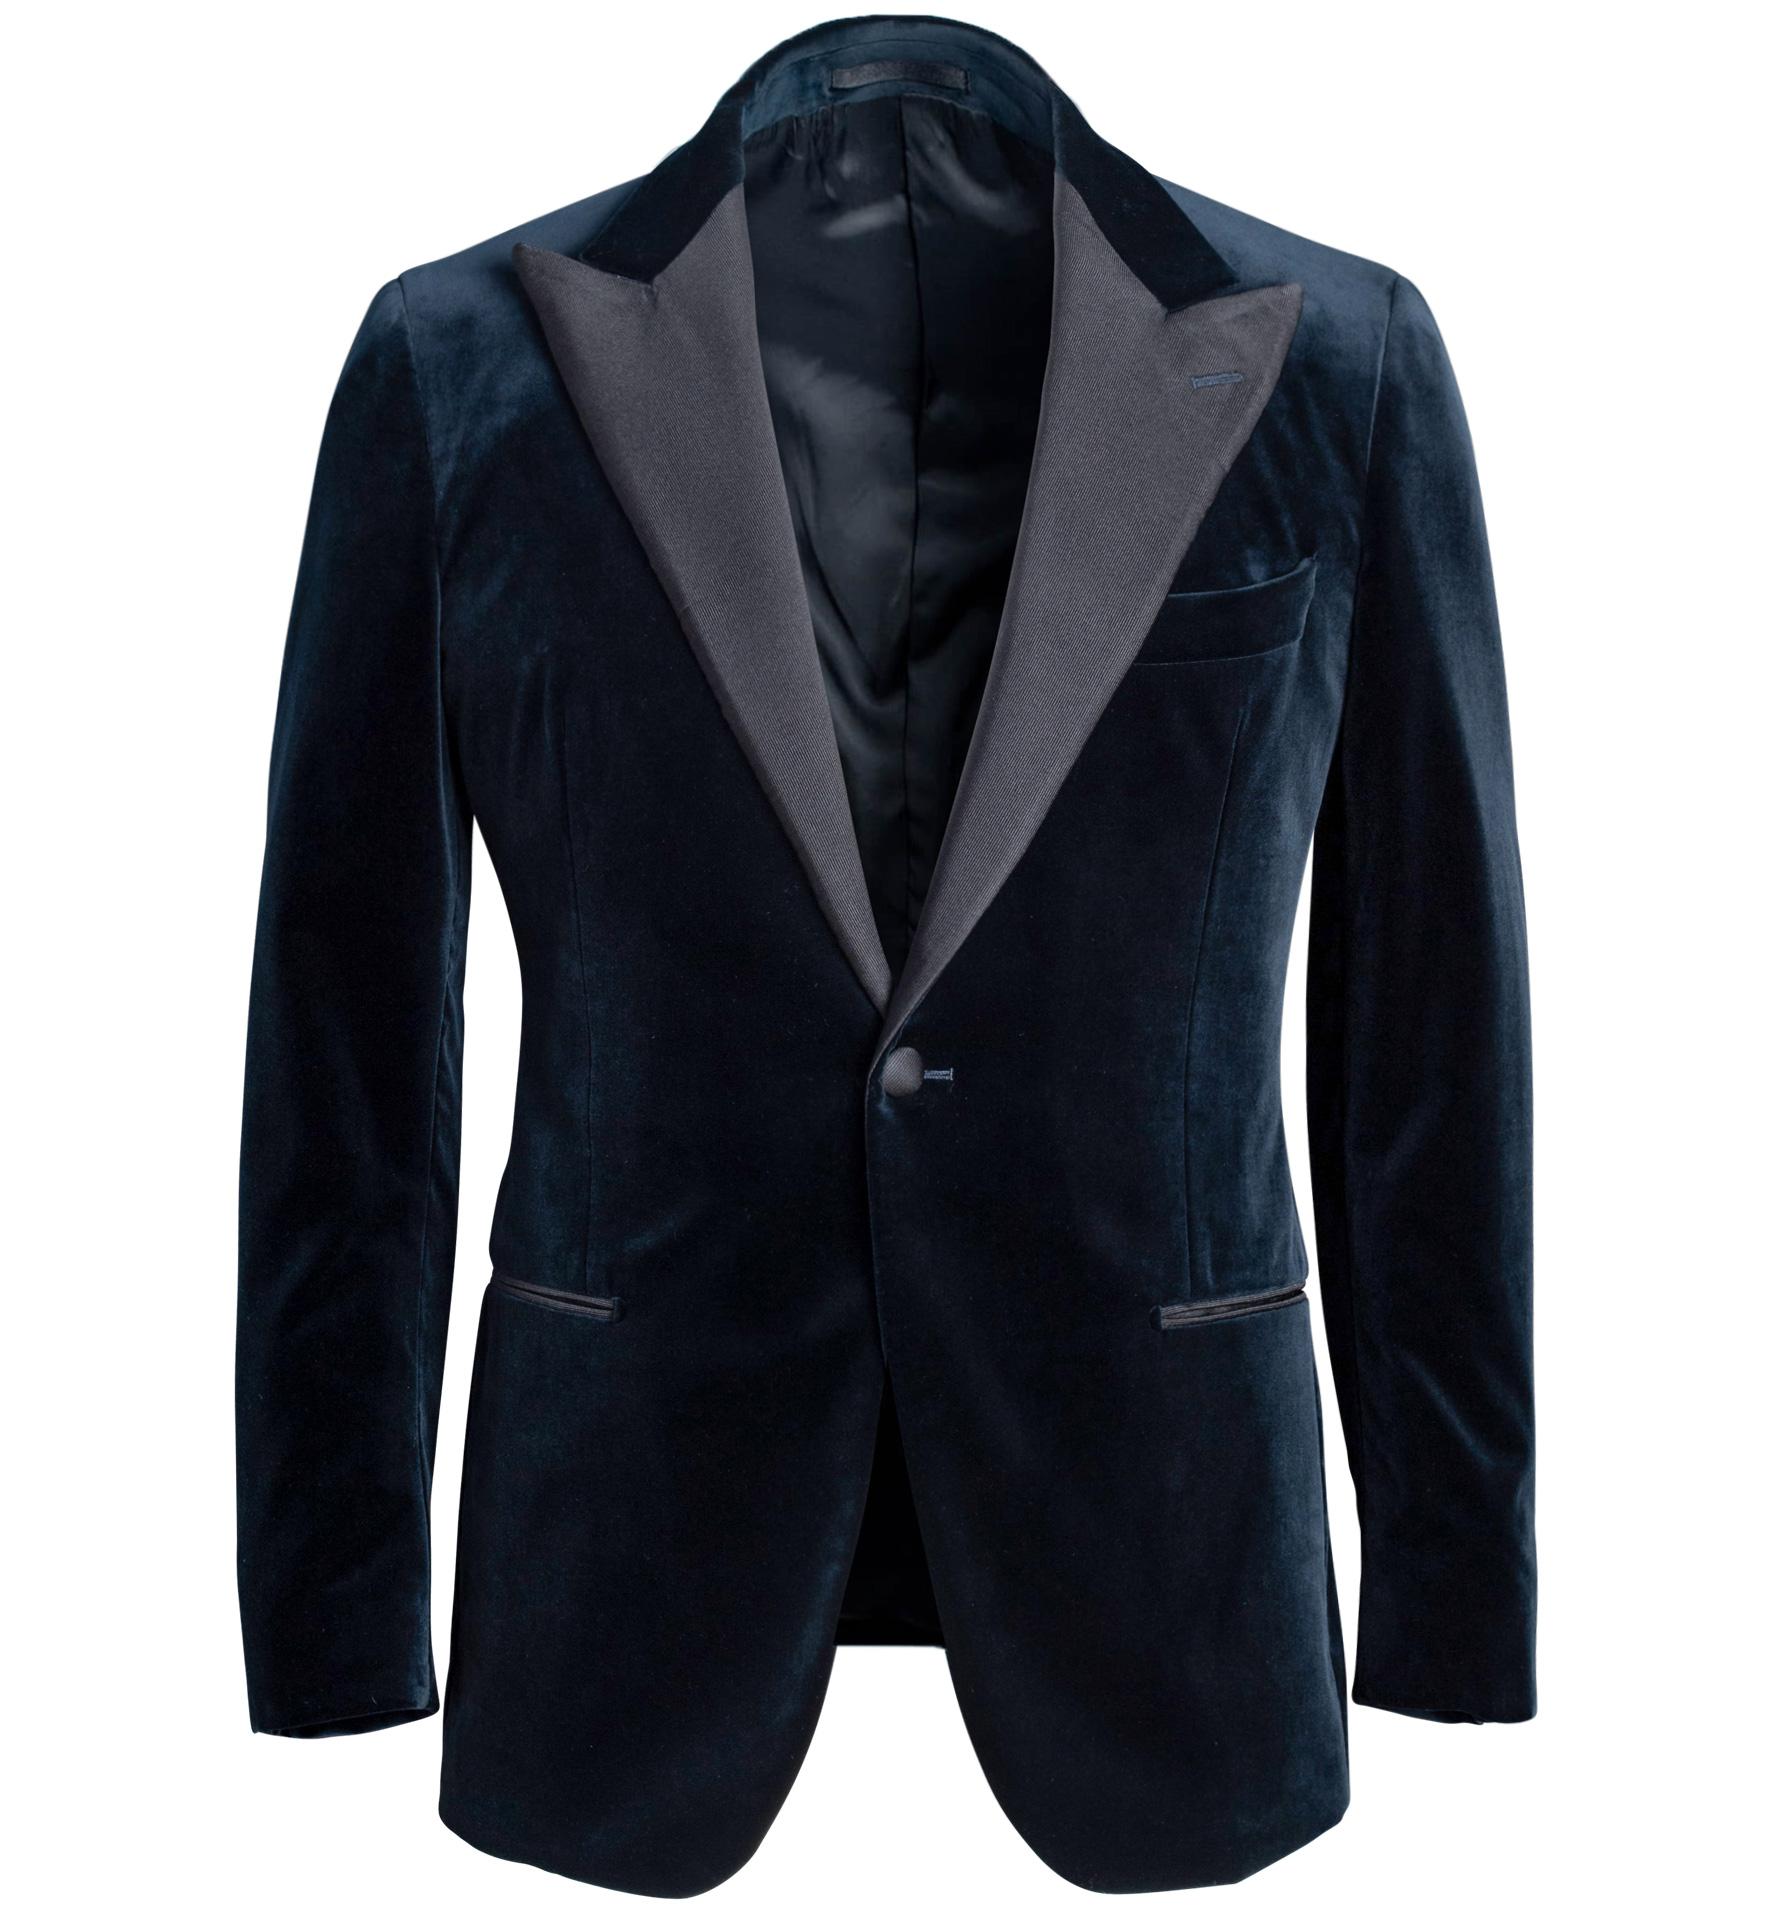 Zoom Image of Mayfair Dark Navy Velvet Dinner Jacket